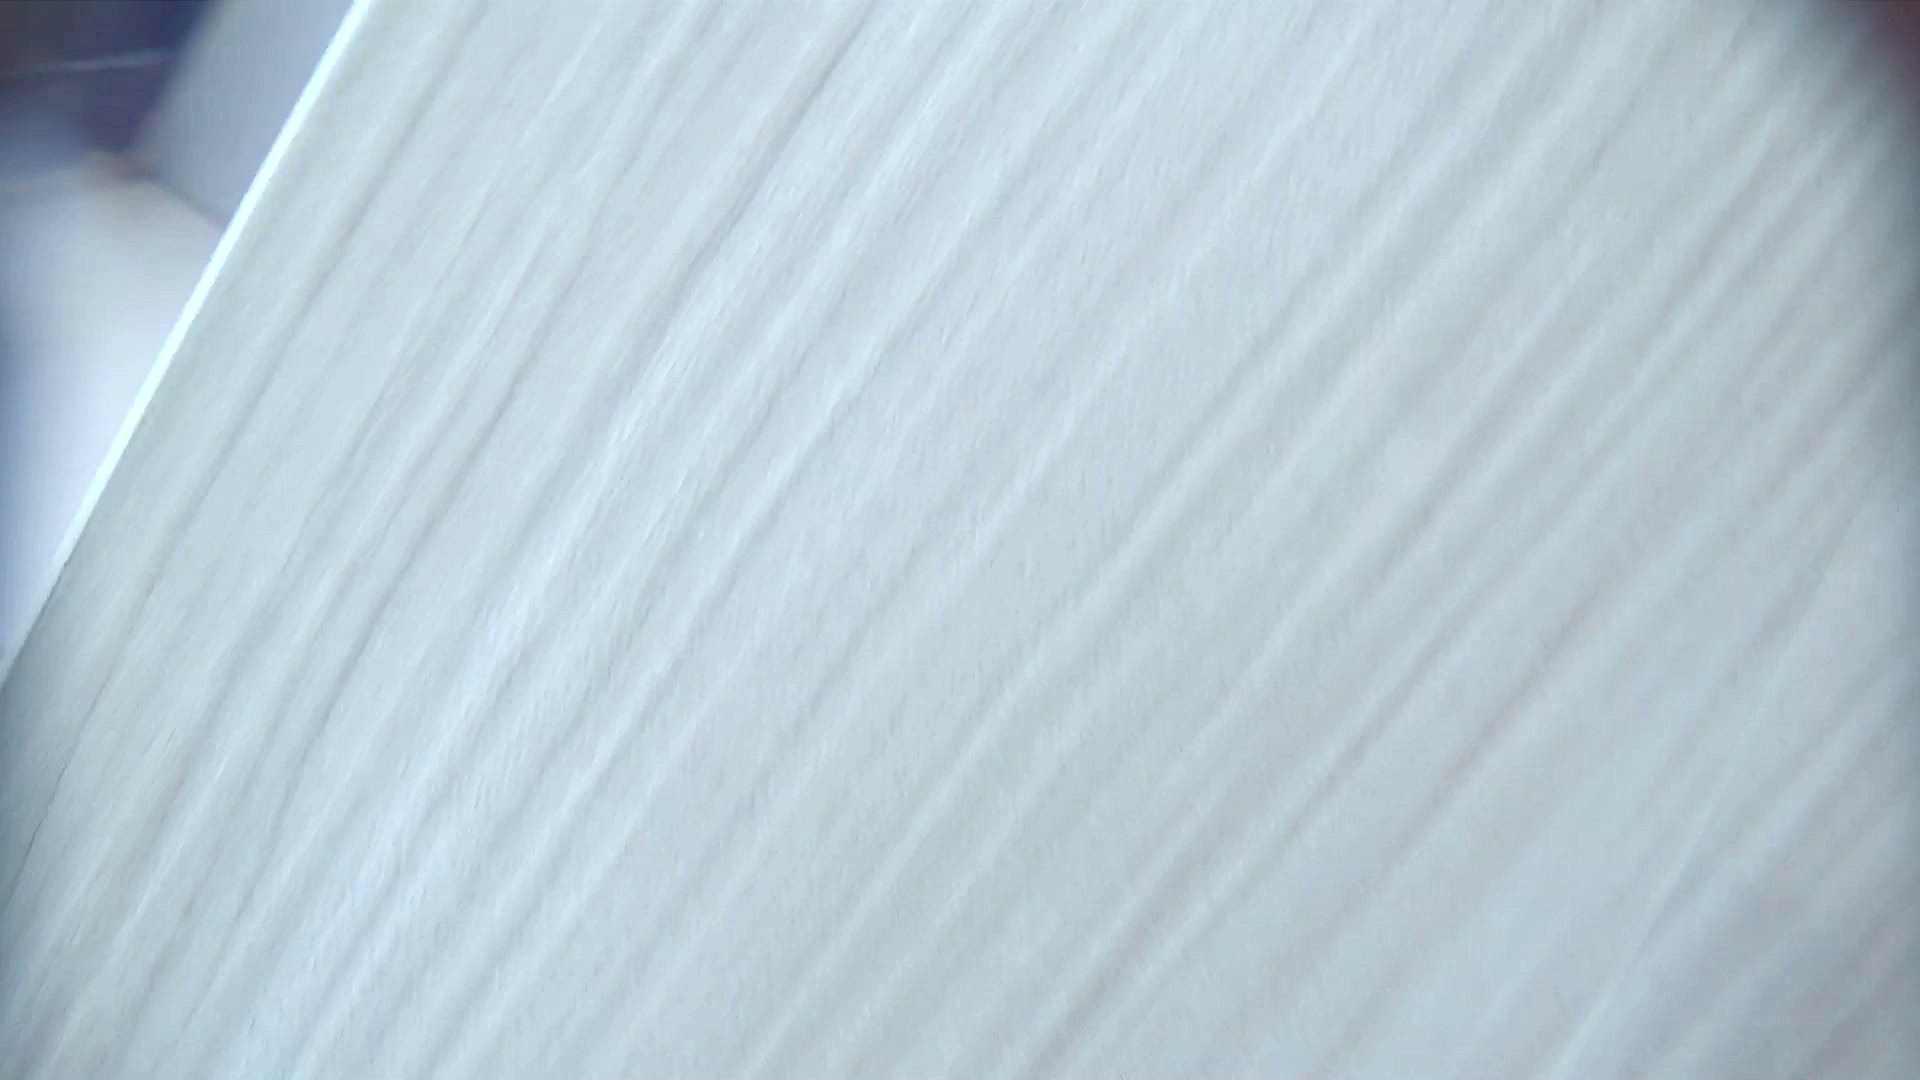 無修正エロ動画|阿国ちゃんの「和式洋式七変化」No.7|怪盗ジョーカー